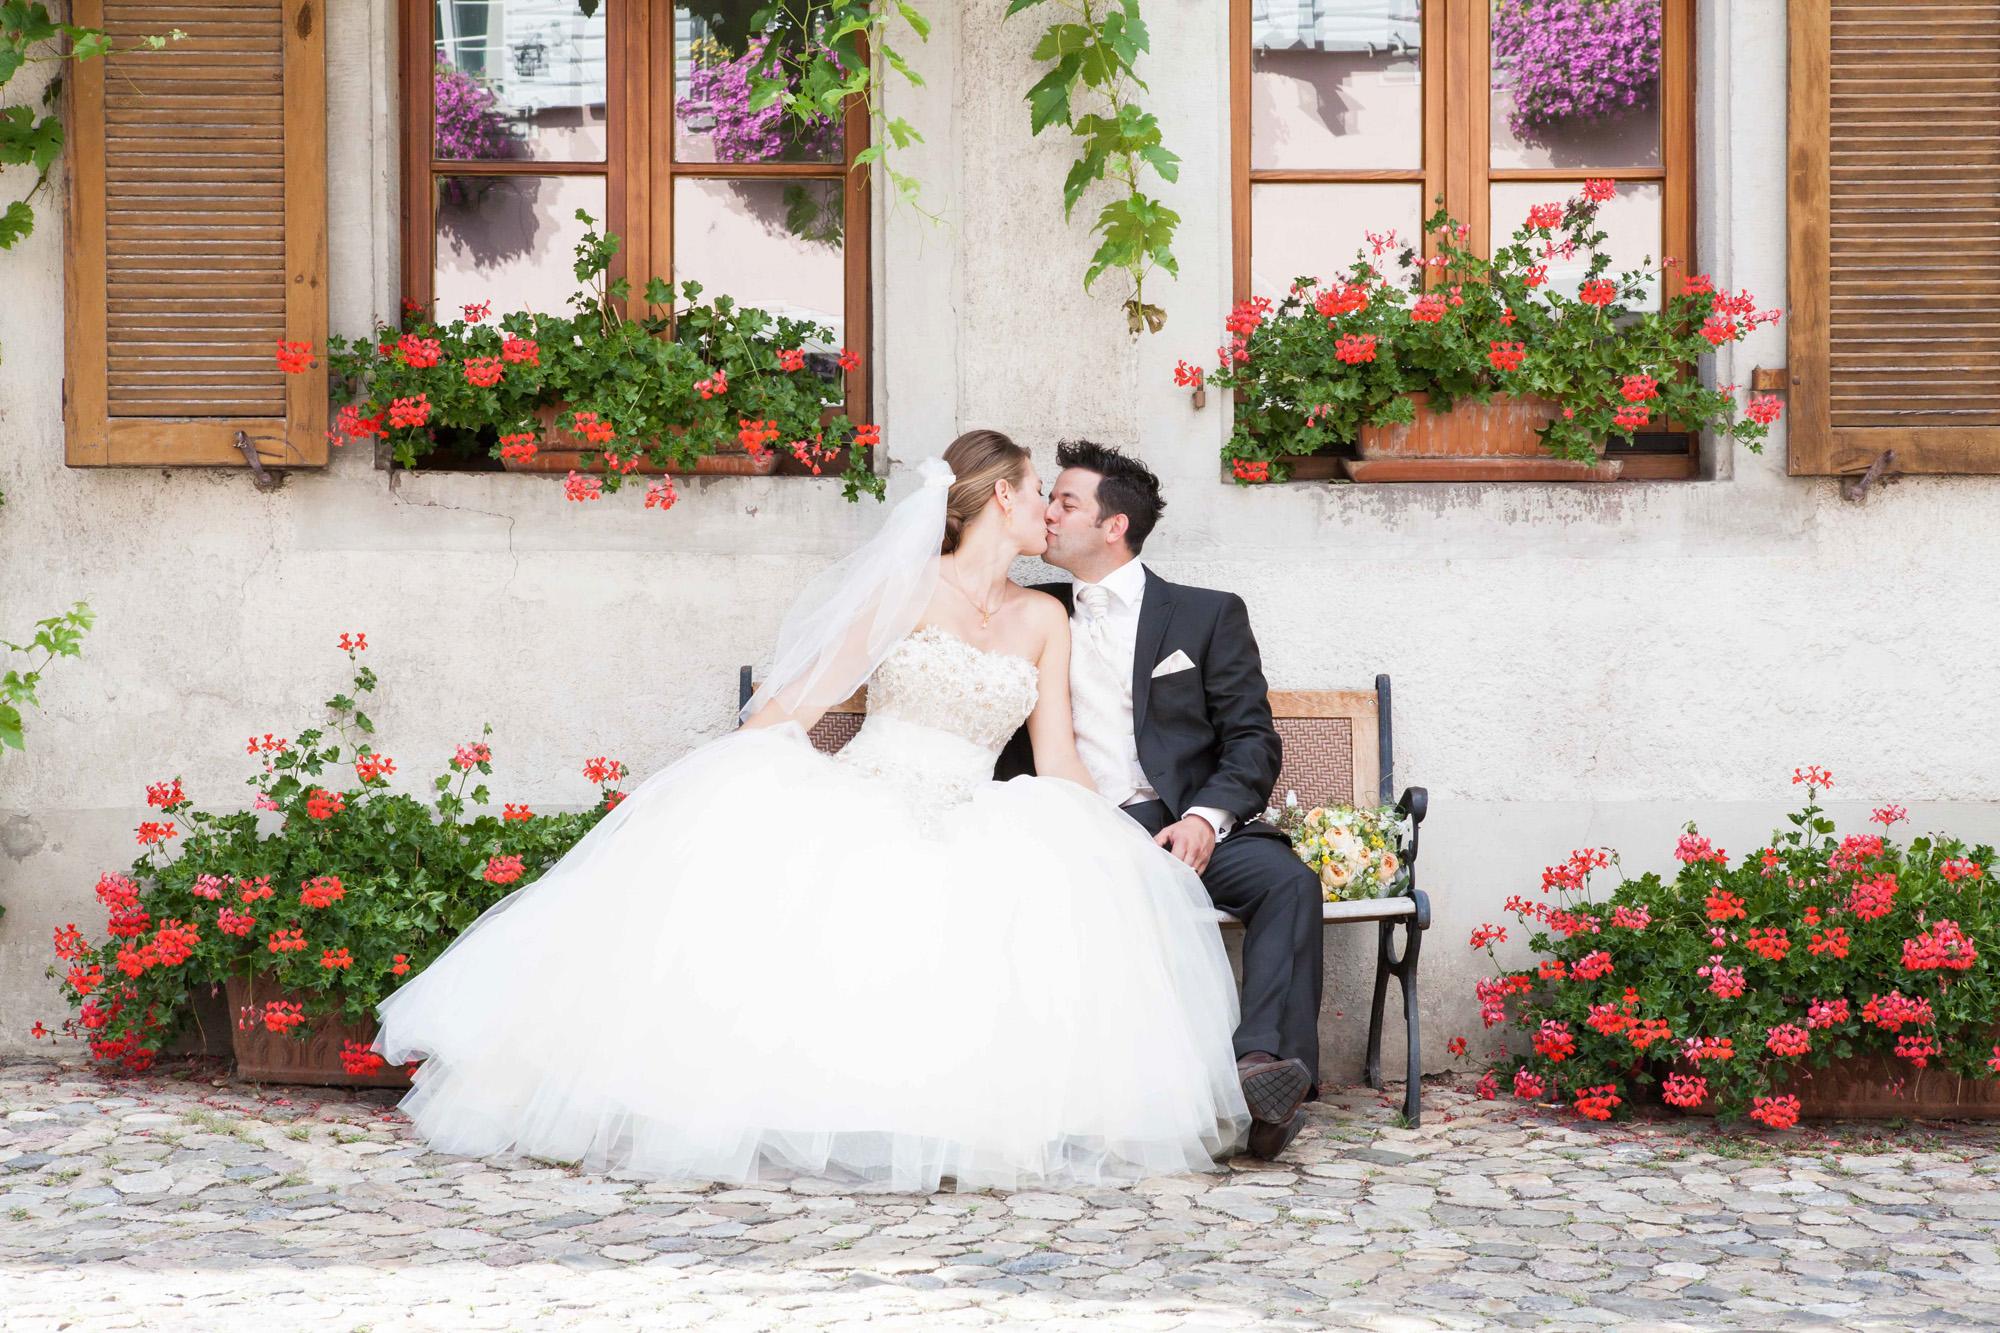 Hochzeitsfotografie - Brautpaar küsst sich auf der Bank